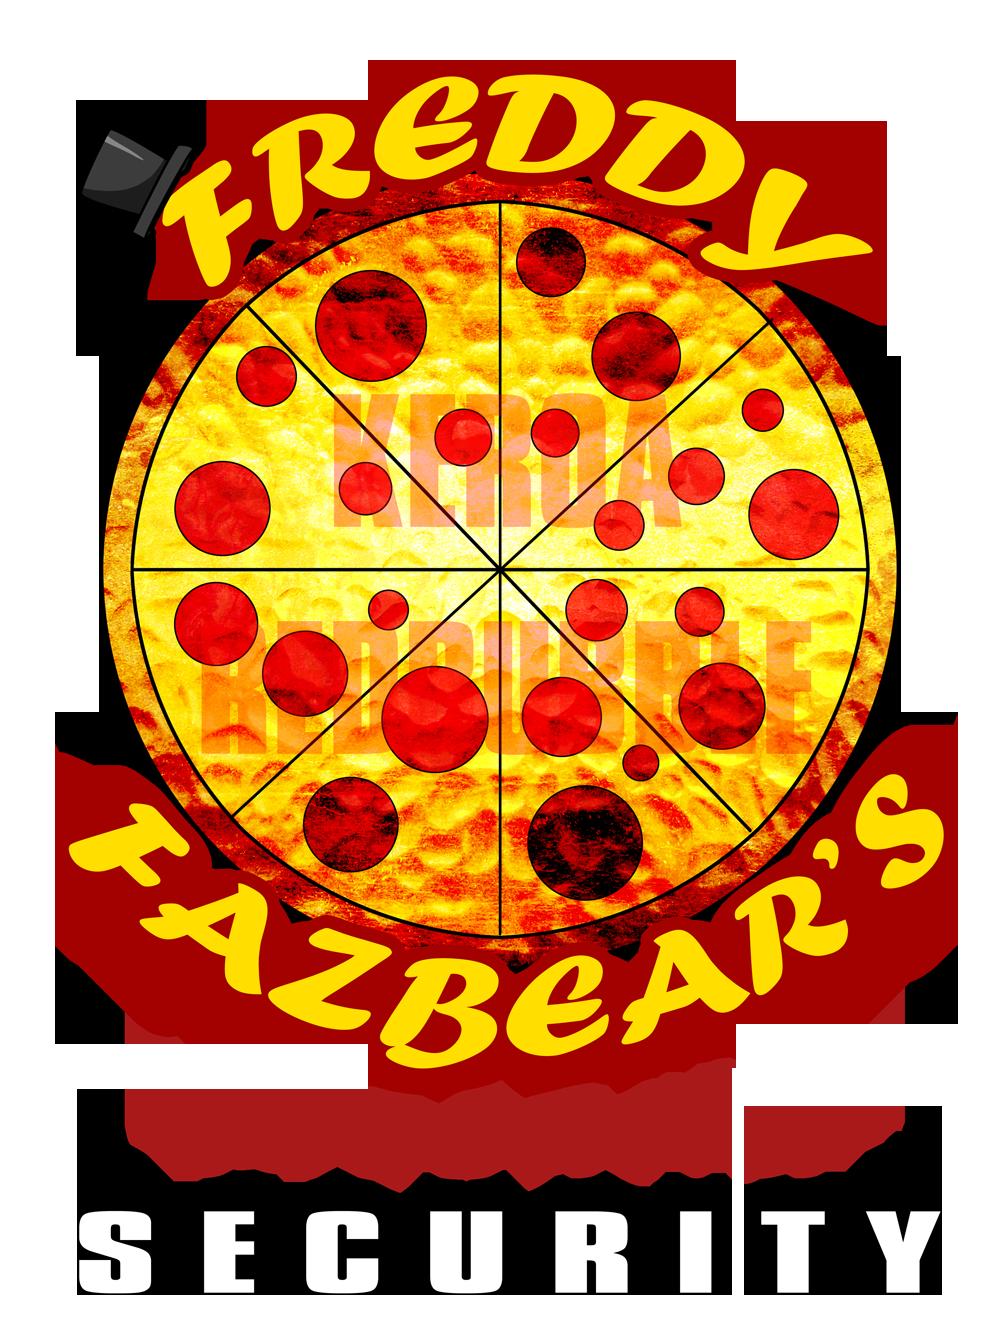 For freddy freddy s yay freddy s creepypasta fazbear s pizza freddy